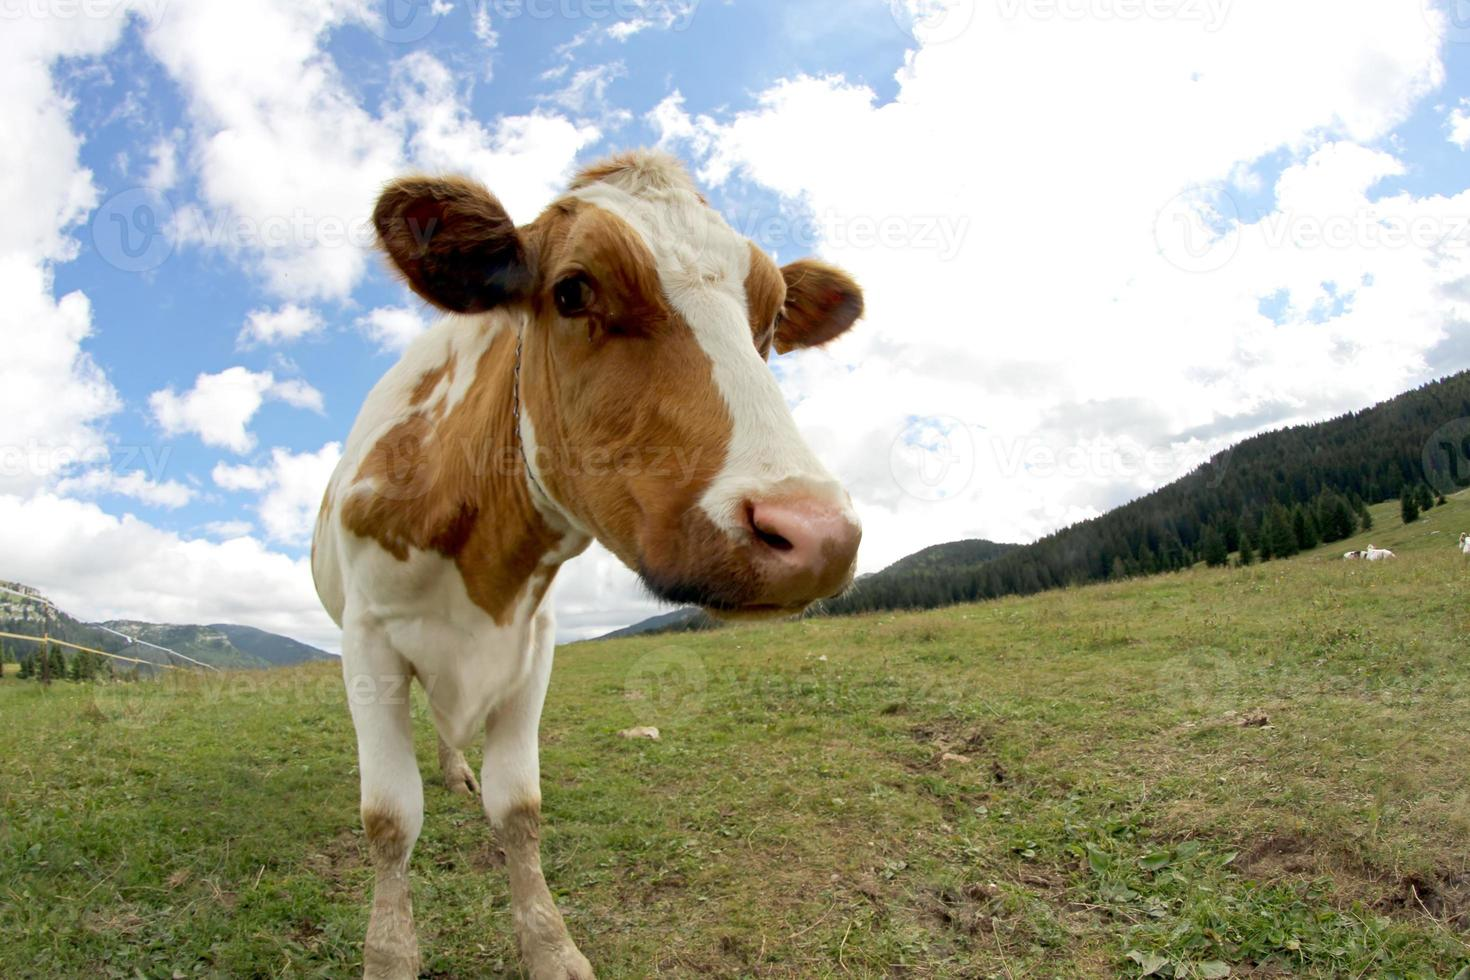 mucca al pascolo girato con obiettivo fisheye e nuvole foto